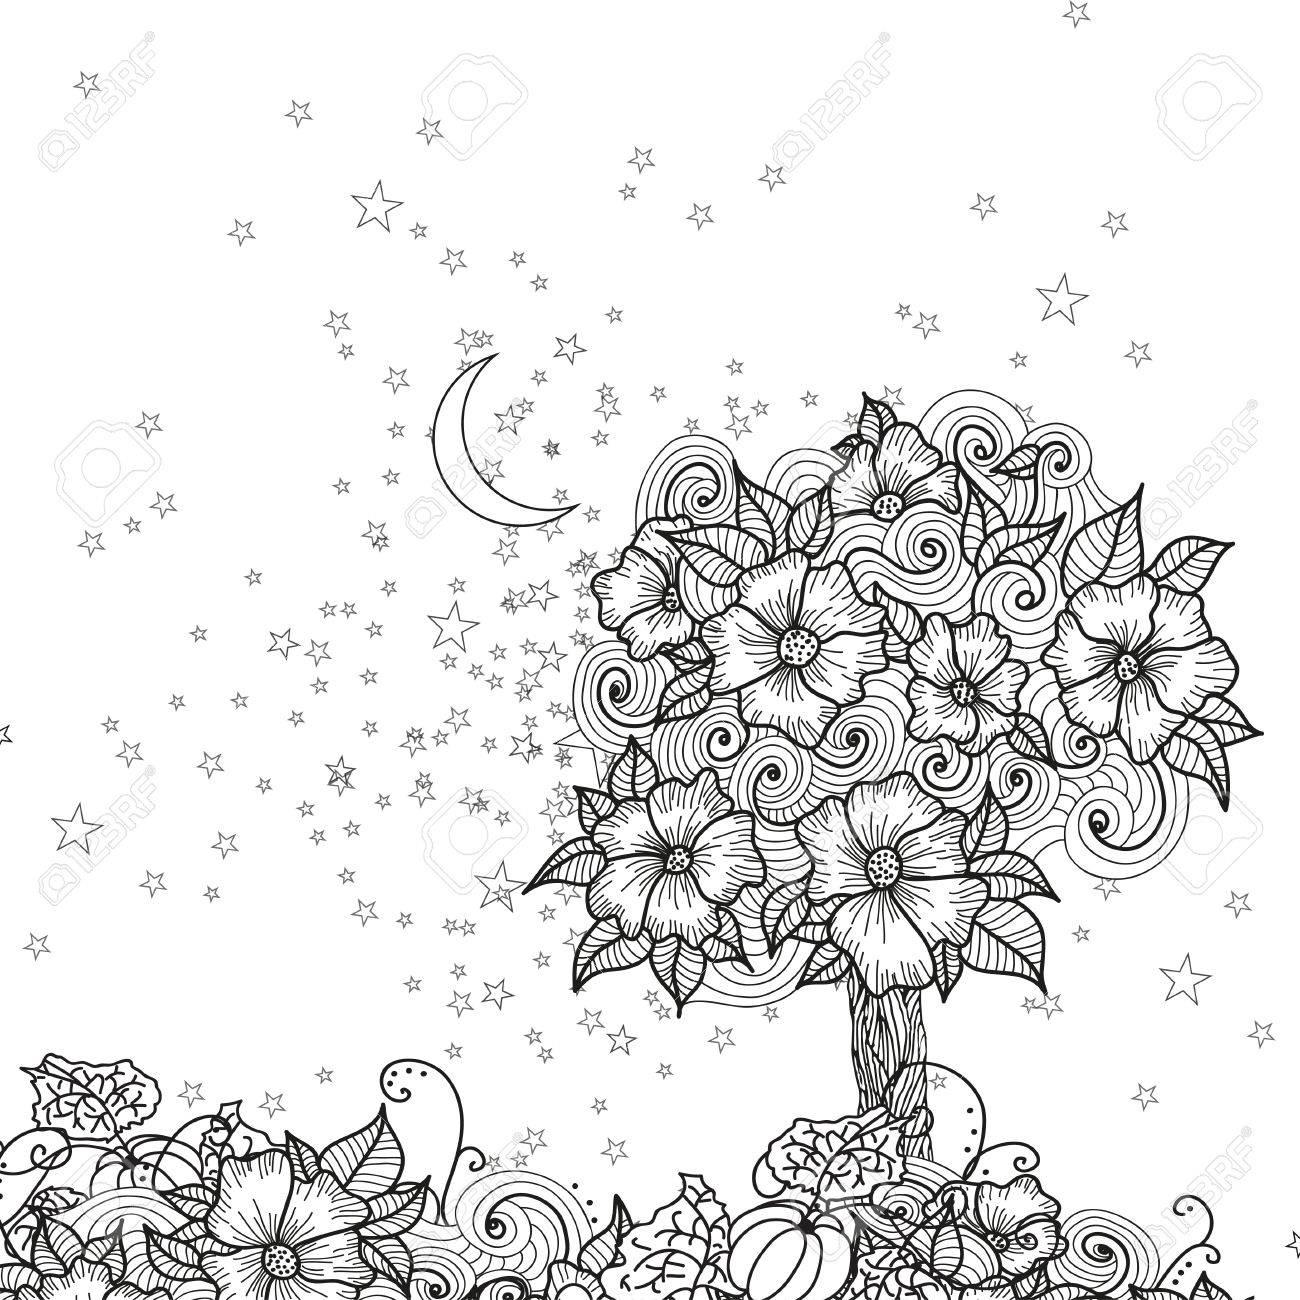 Design-Nacht-Karte Mit Doodle Blumen Und Sternen Und Mond Für Die ...